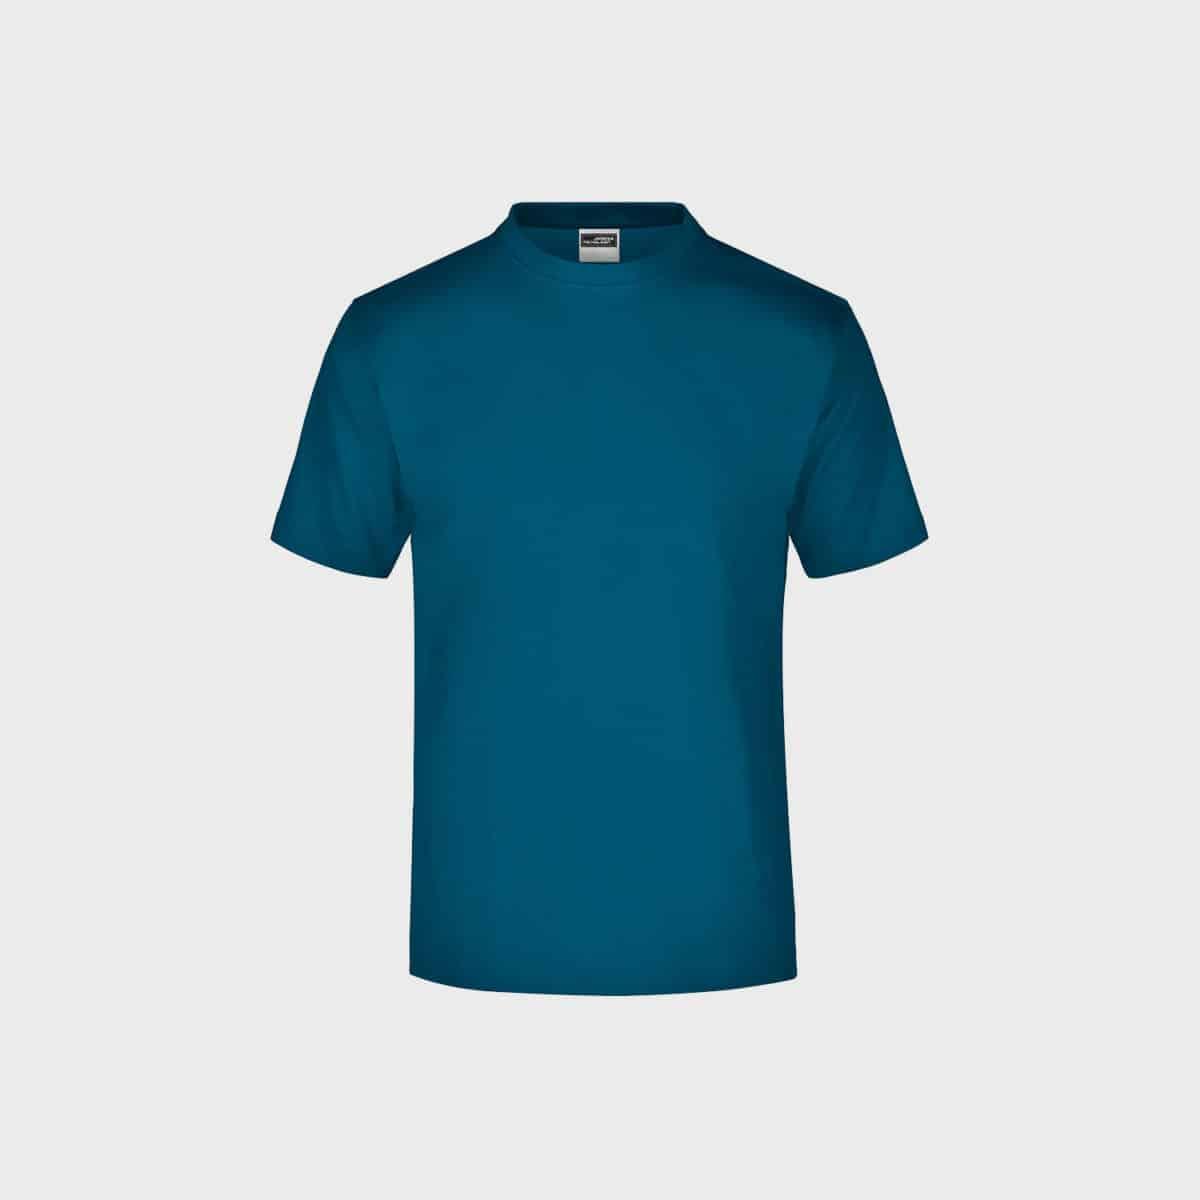 t-shirt-herren-round-kaufen-besticken_sticmanufaktur